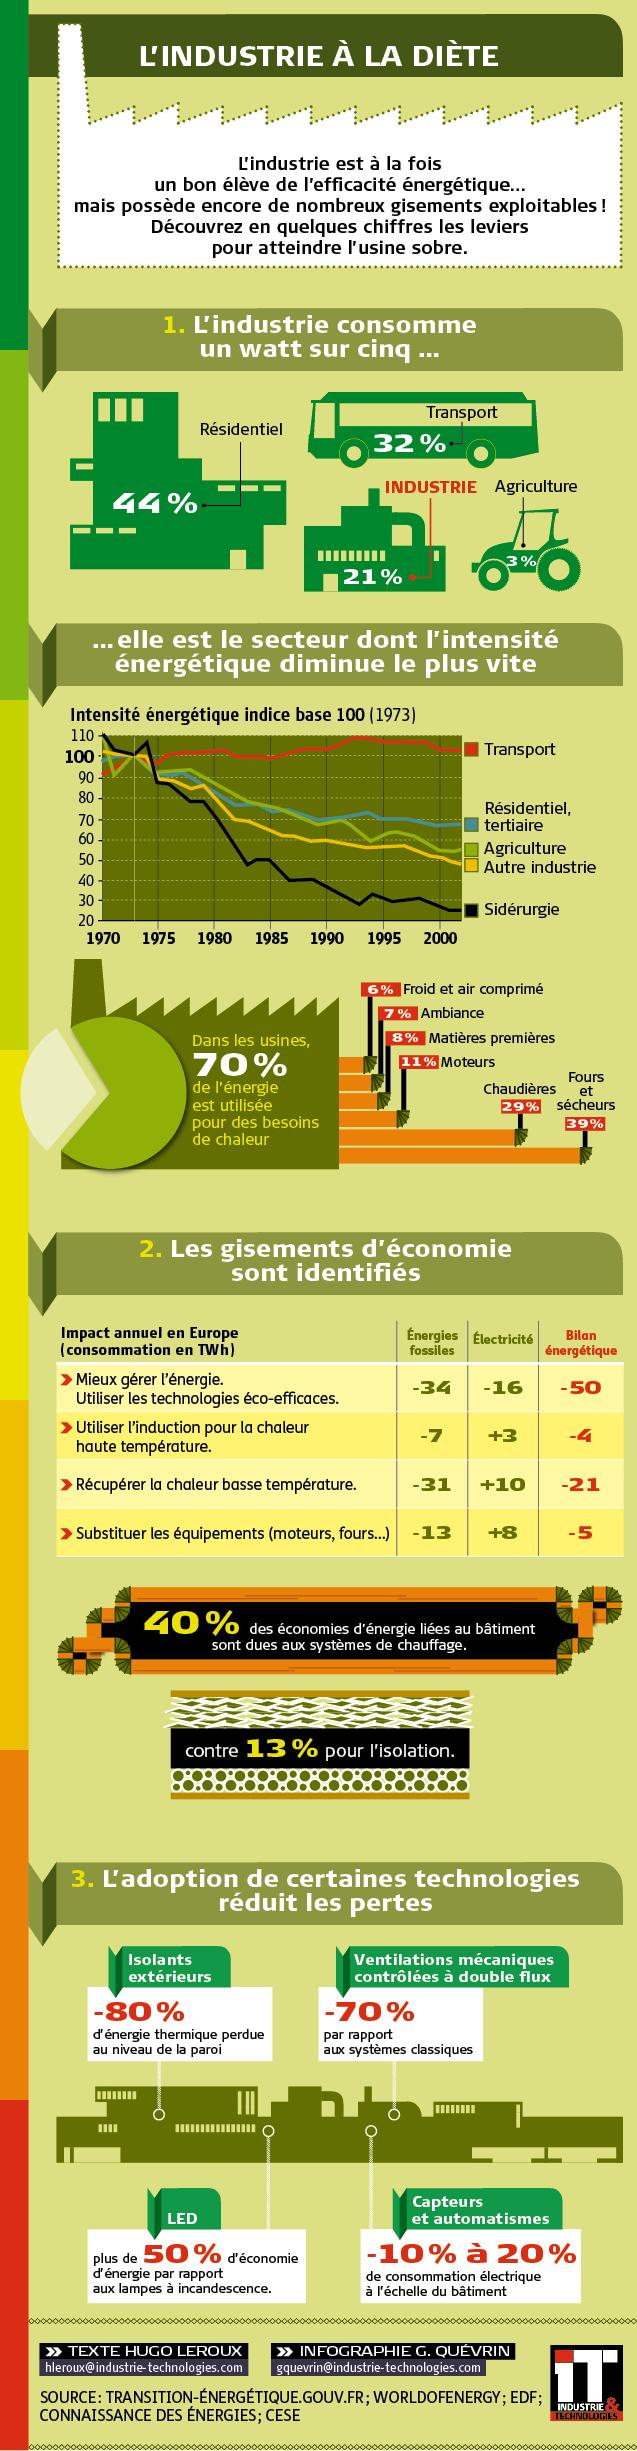 l'industrie soigne son efficacité énergétique 000008440